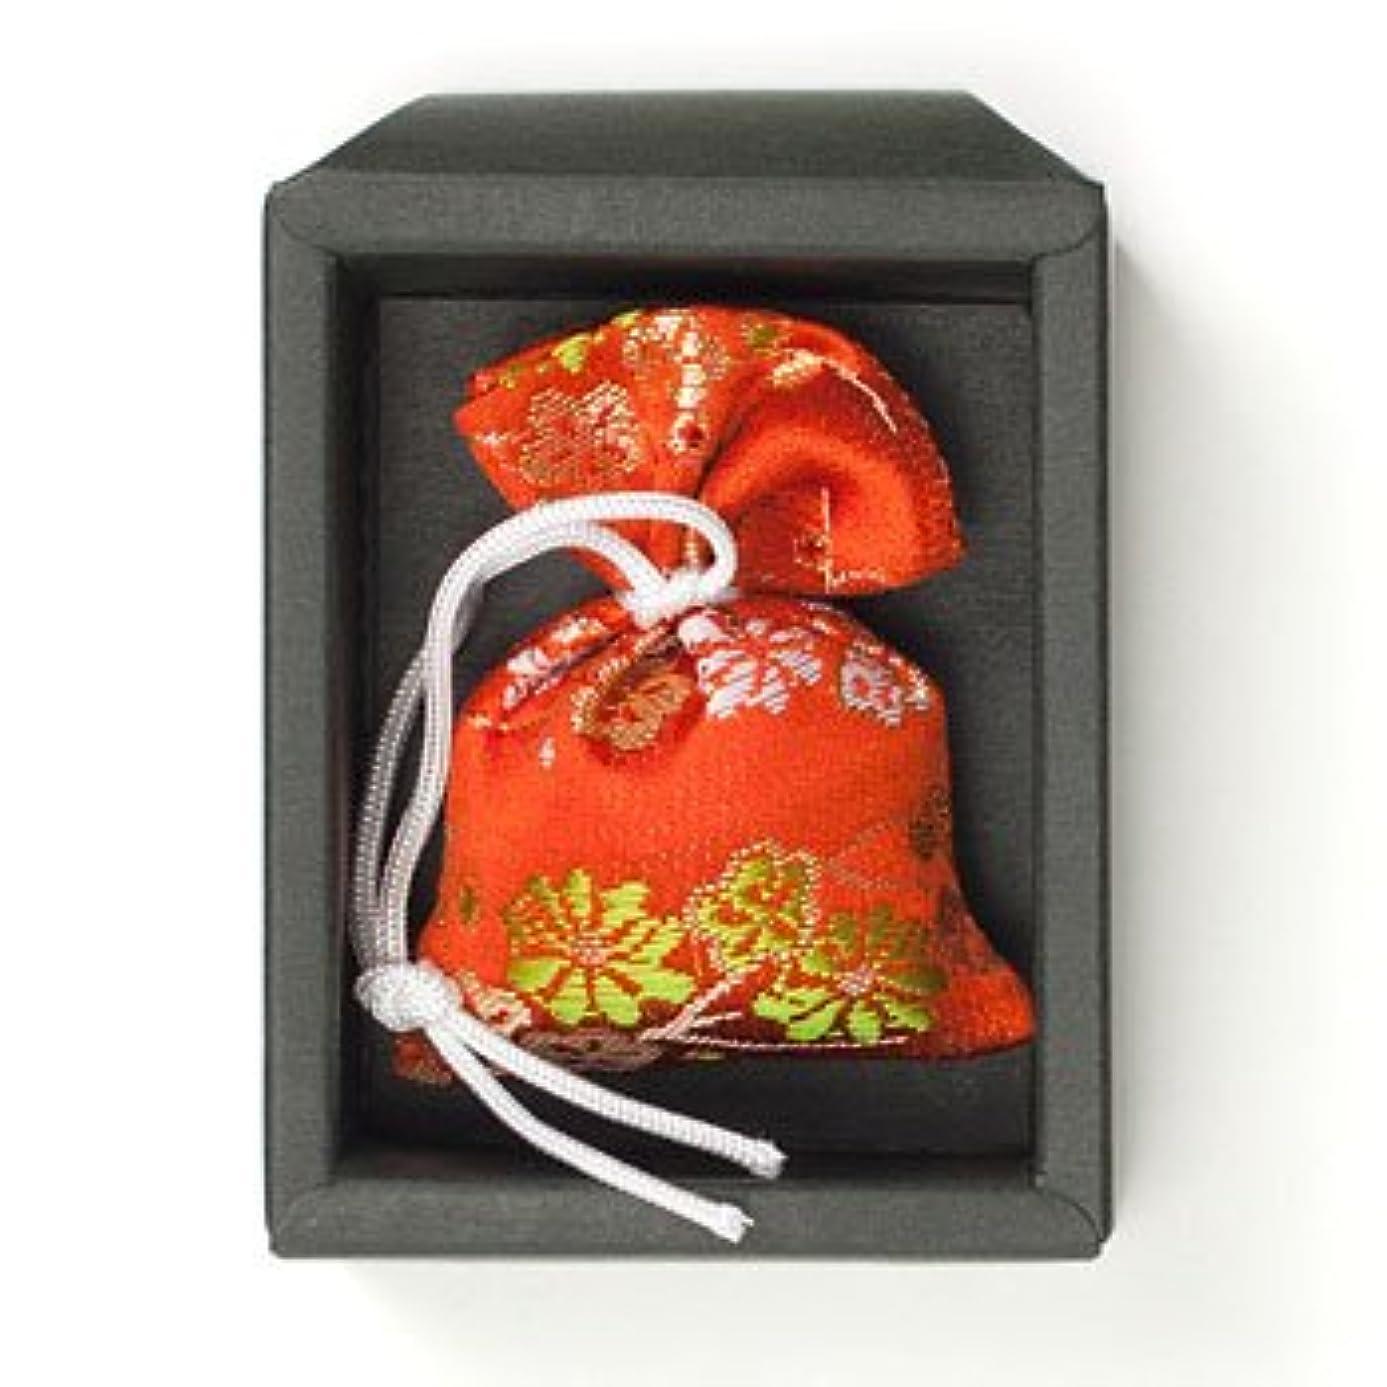 羽シェーバー住居匂い袋 誰が袖 極品 1個入 松栄堂 Shoyeido 本体長さ60mm (色?柄は選べません)